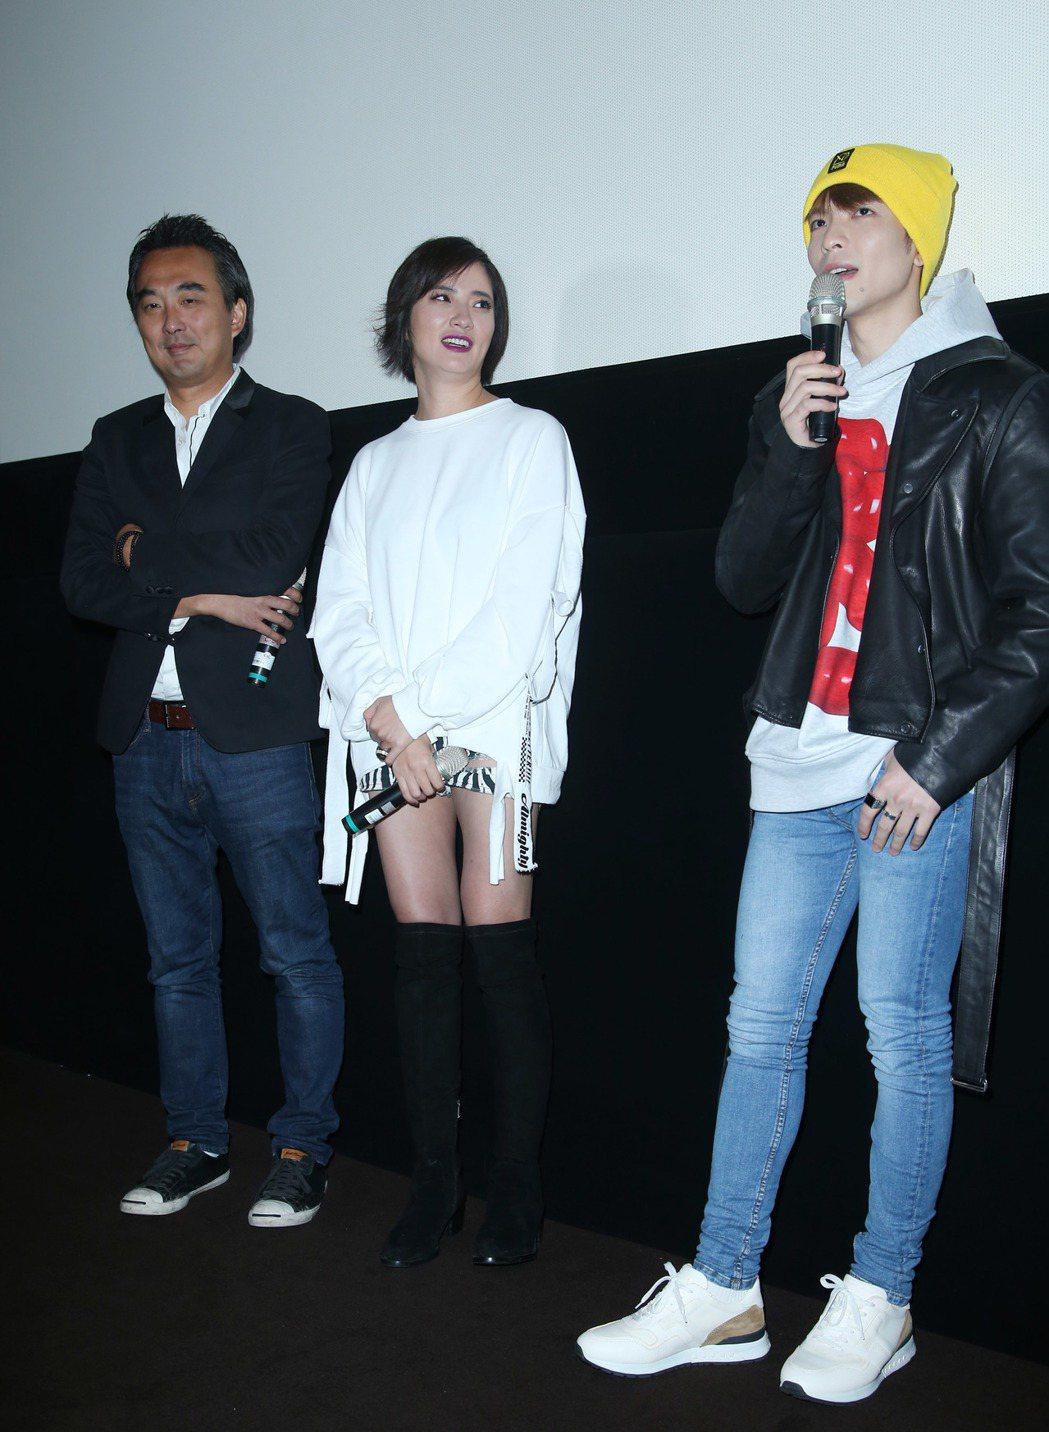 蕭敬騰(右起)于小惠、蔡岳勳出席華語「深夜食堂」試片與粉絲互動。記者陳瑞源/攝影